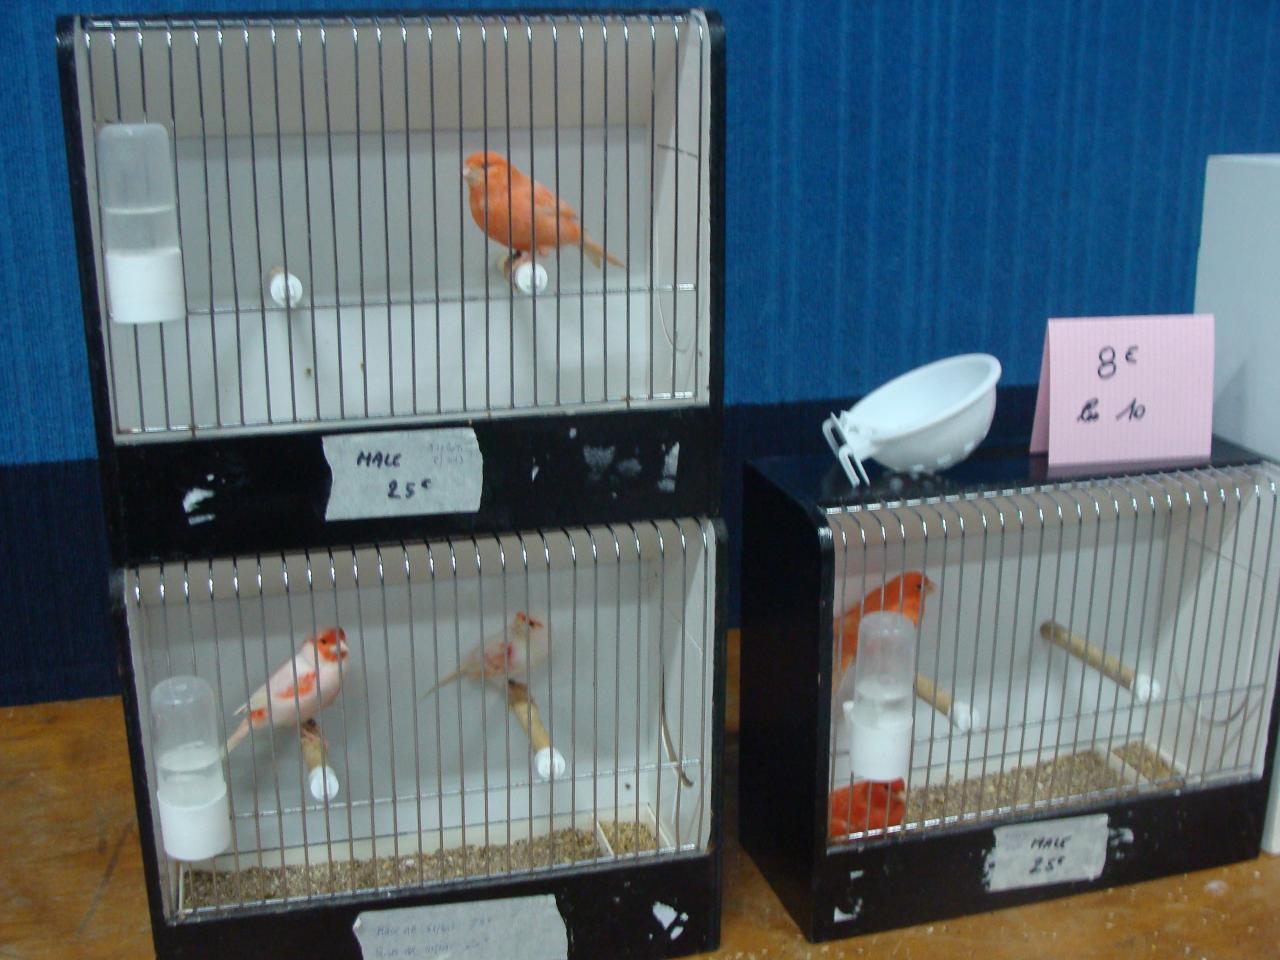 Un petit échantillon des oiseaux à céder